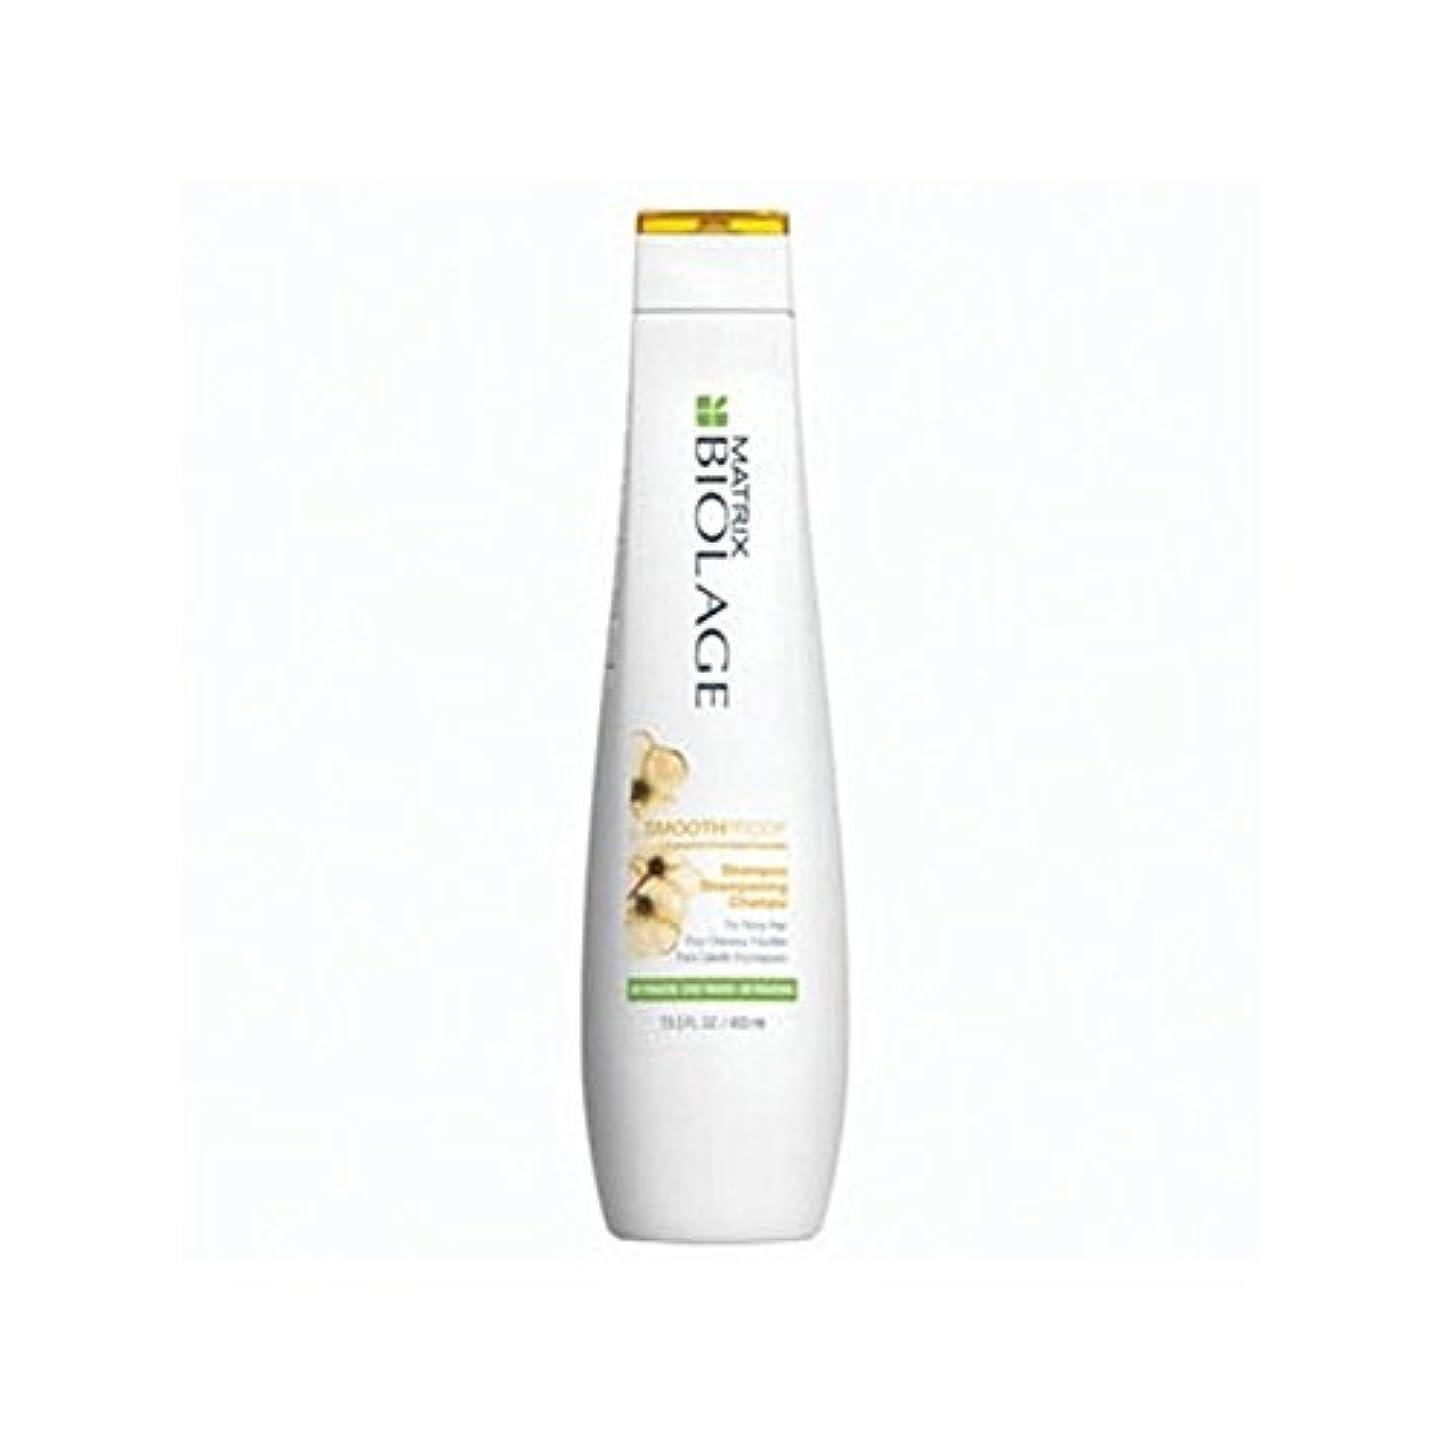 原子炉スワップ部分的にマトリックスバイオレイジのシャンプー(400ミリリットル) x2 - Matrix Biolage Smoothproof Shampoo (400ml) (Pack of 2) [並行輸入品]